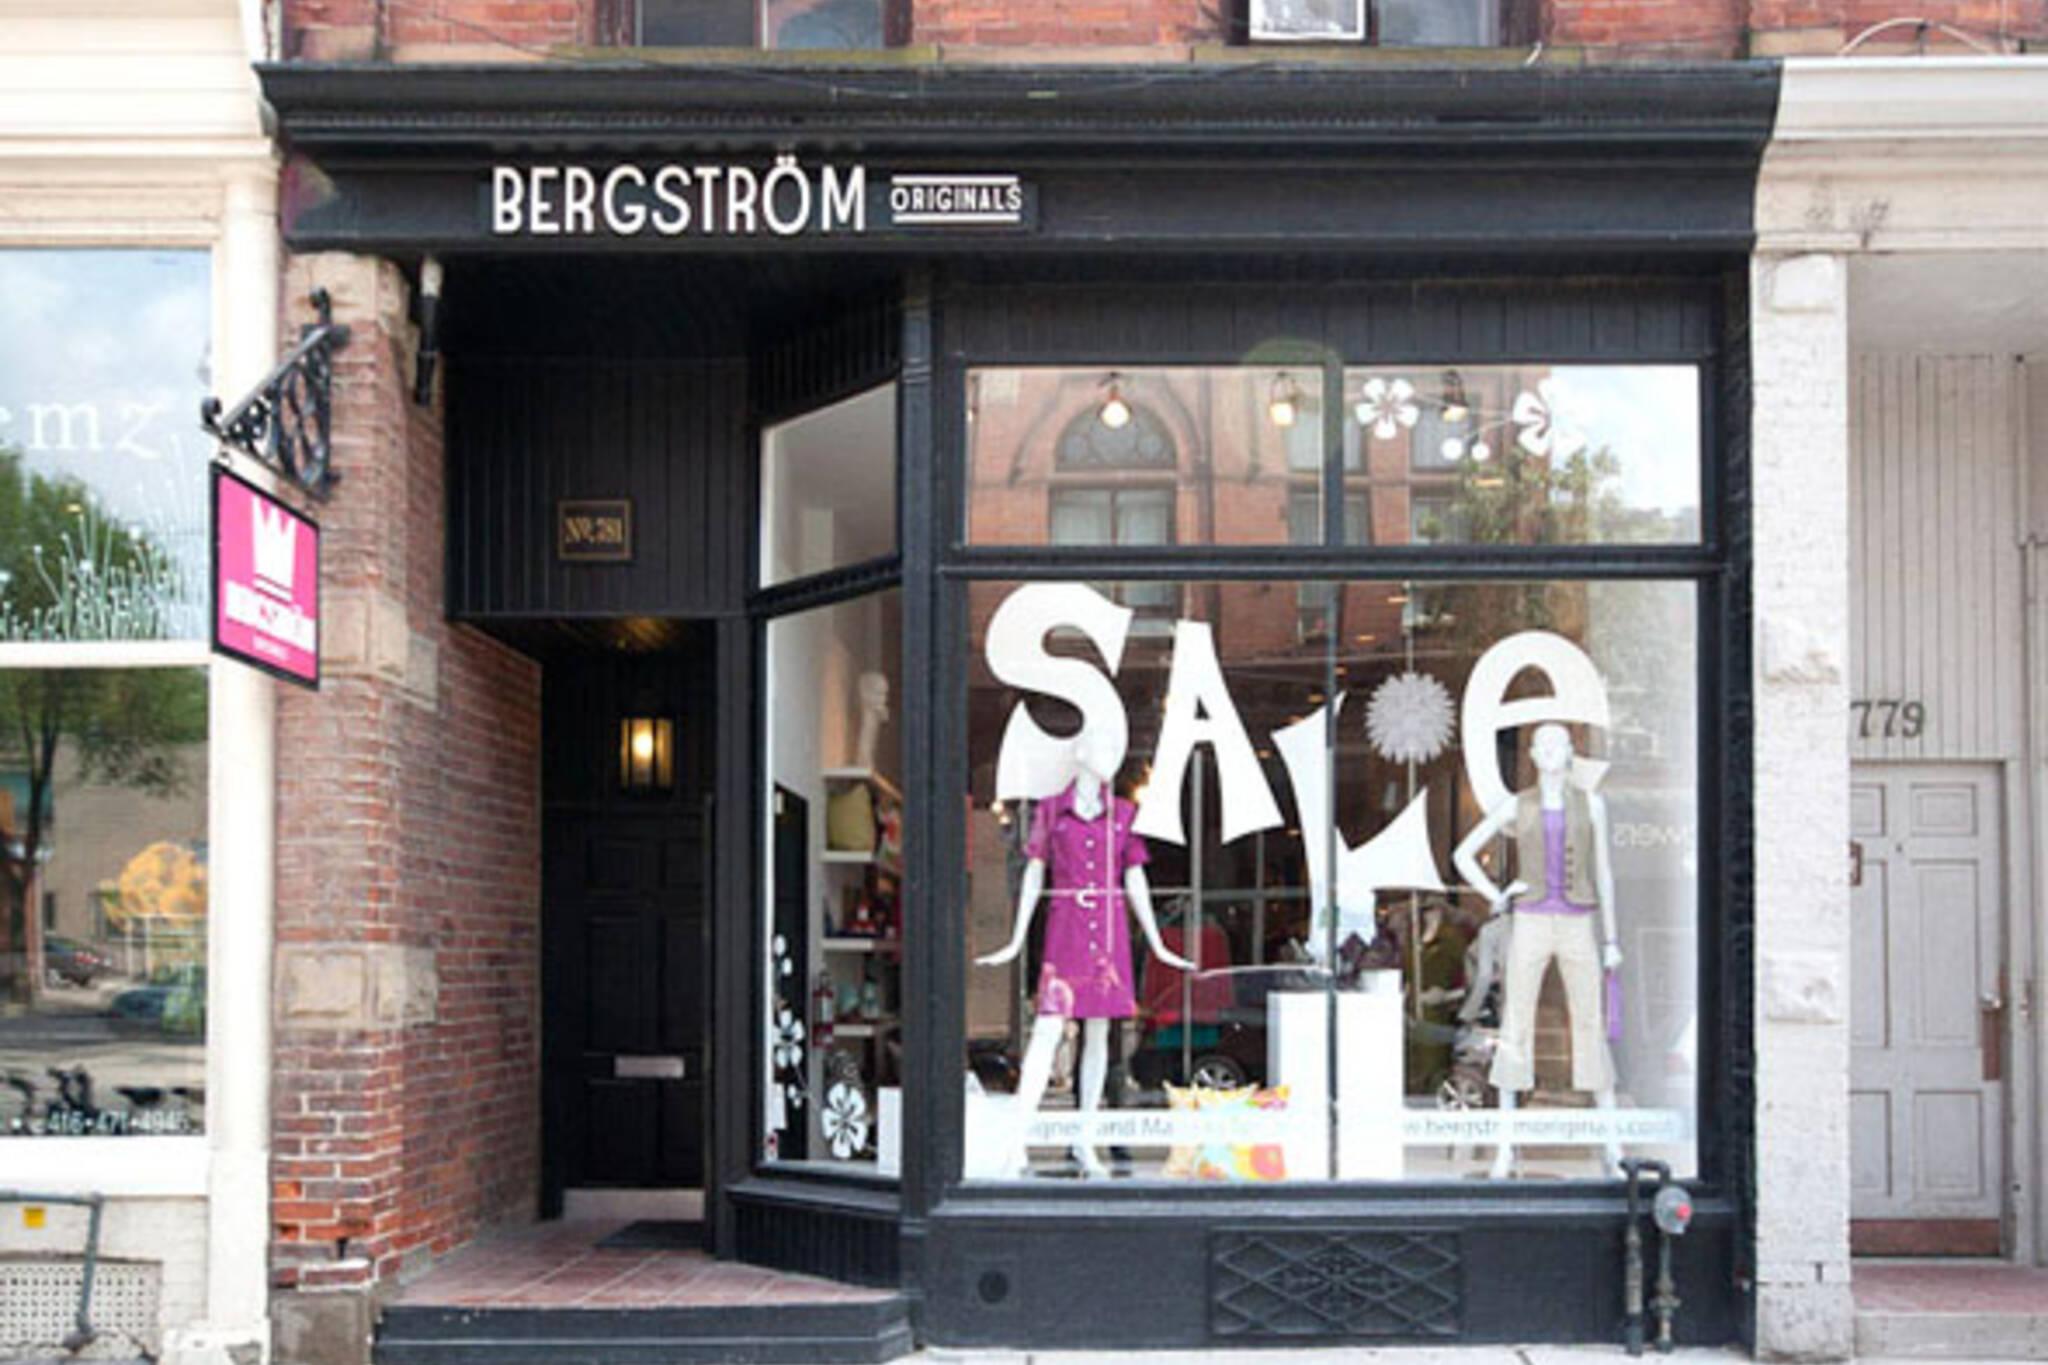 Bergstrom Originals